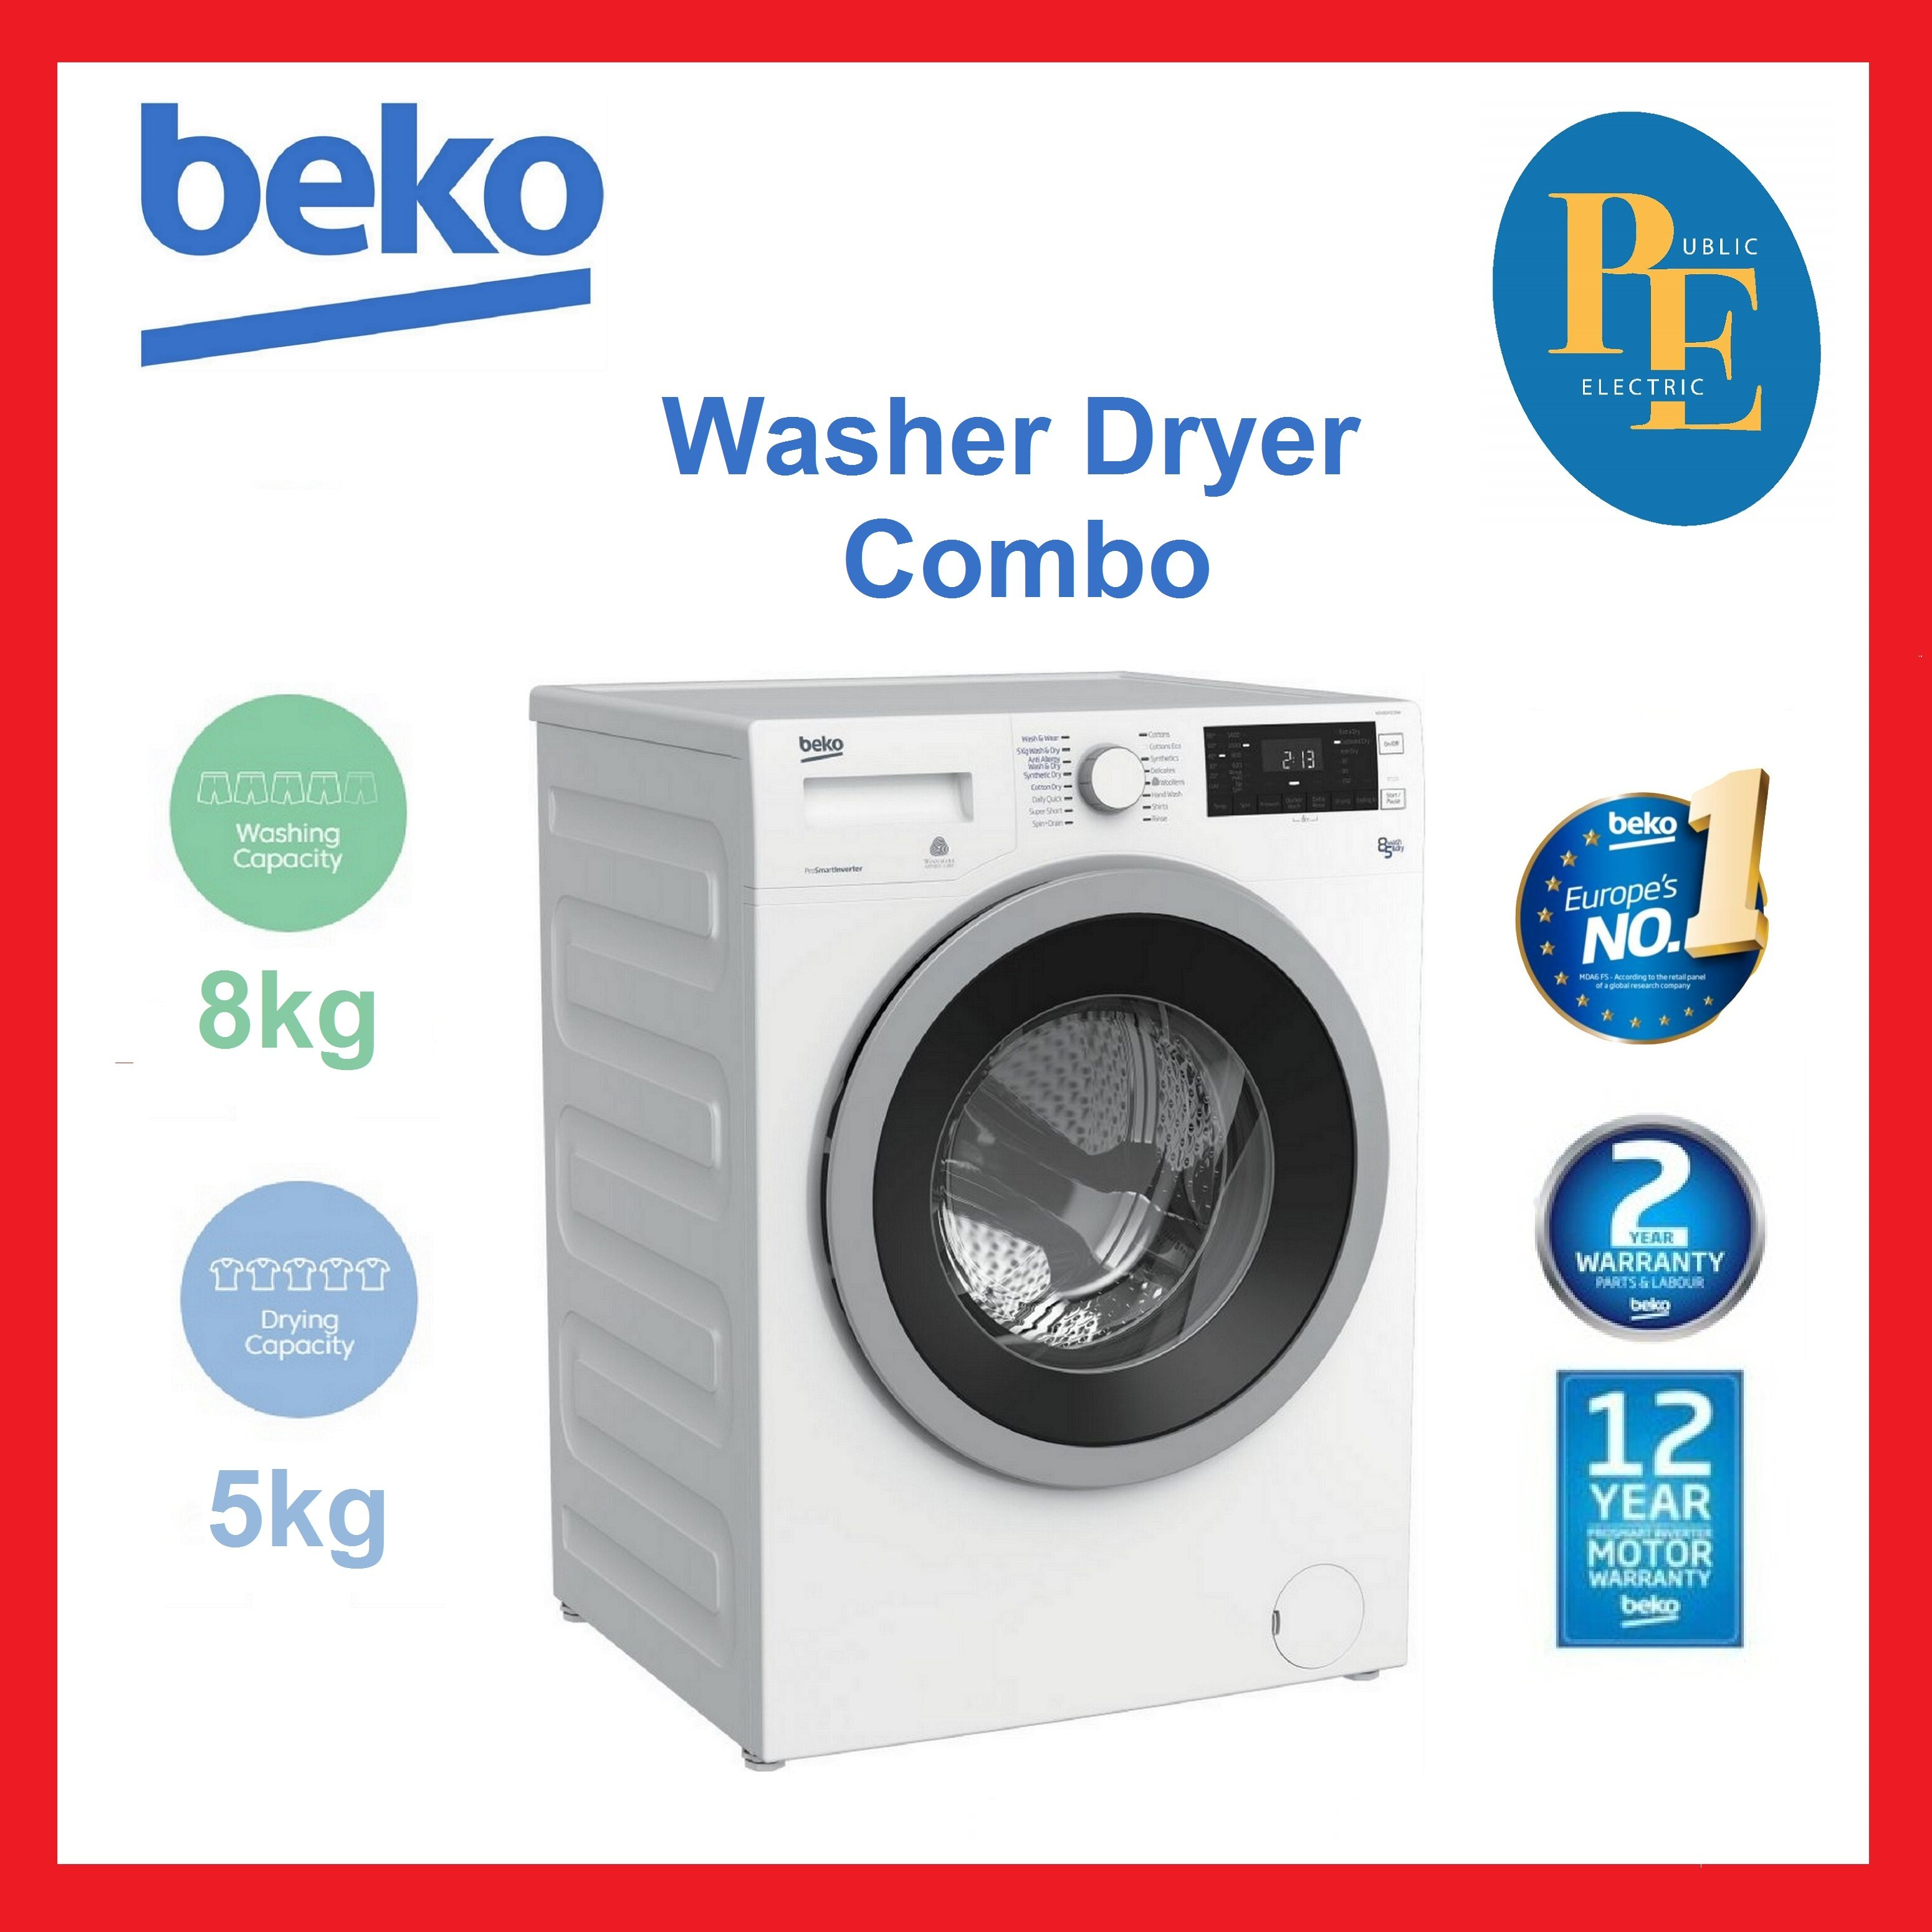 Beko Inverter Front Load Combo Washer Dryer 8kg / 5kg - WDX8543130W